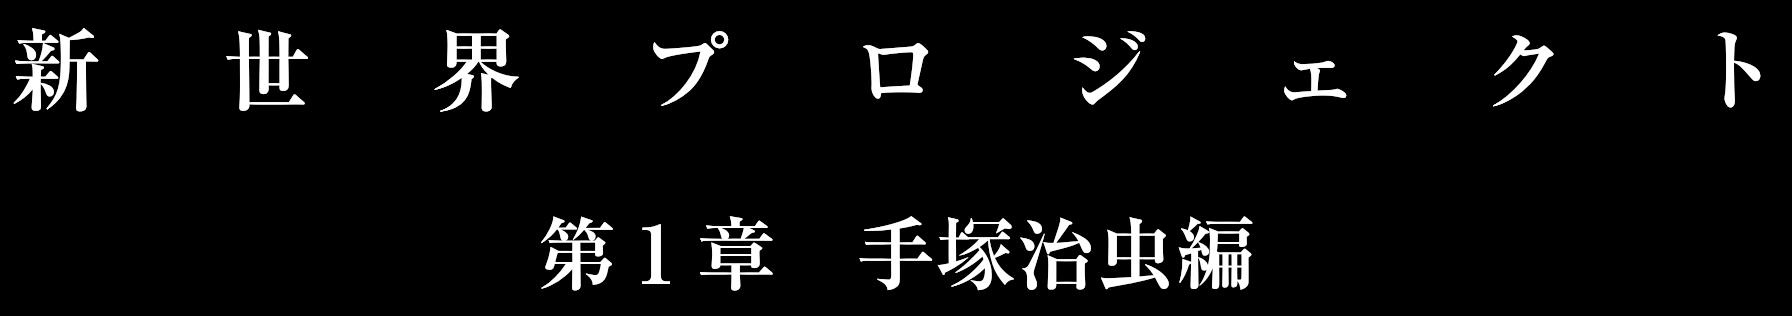 新世界プロジェクト 手塚治虫 編